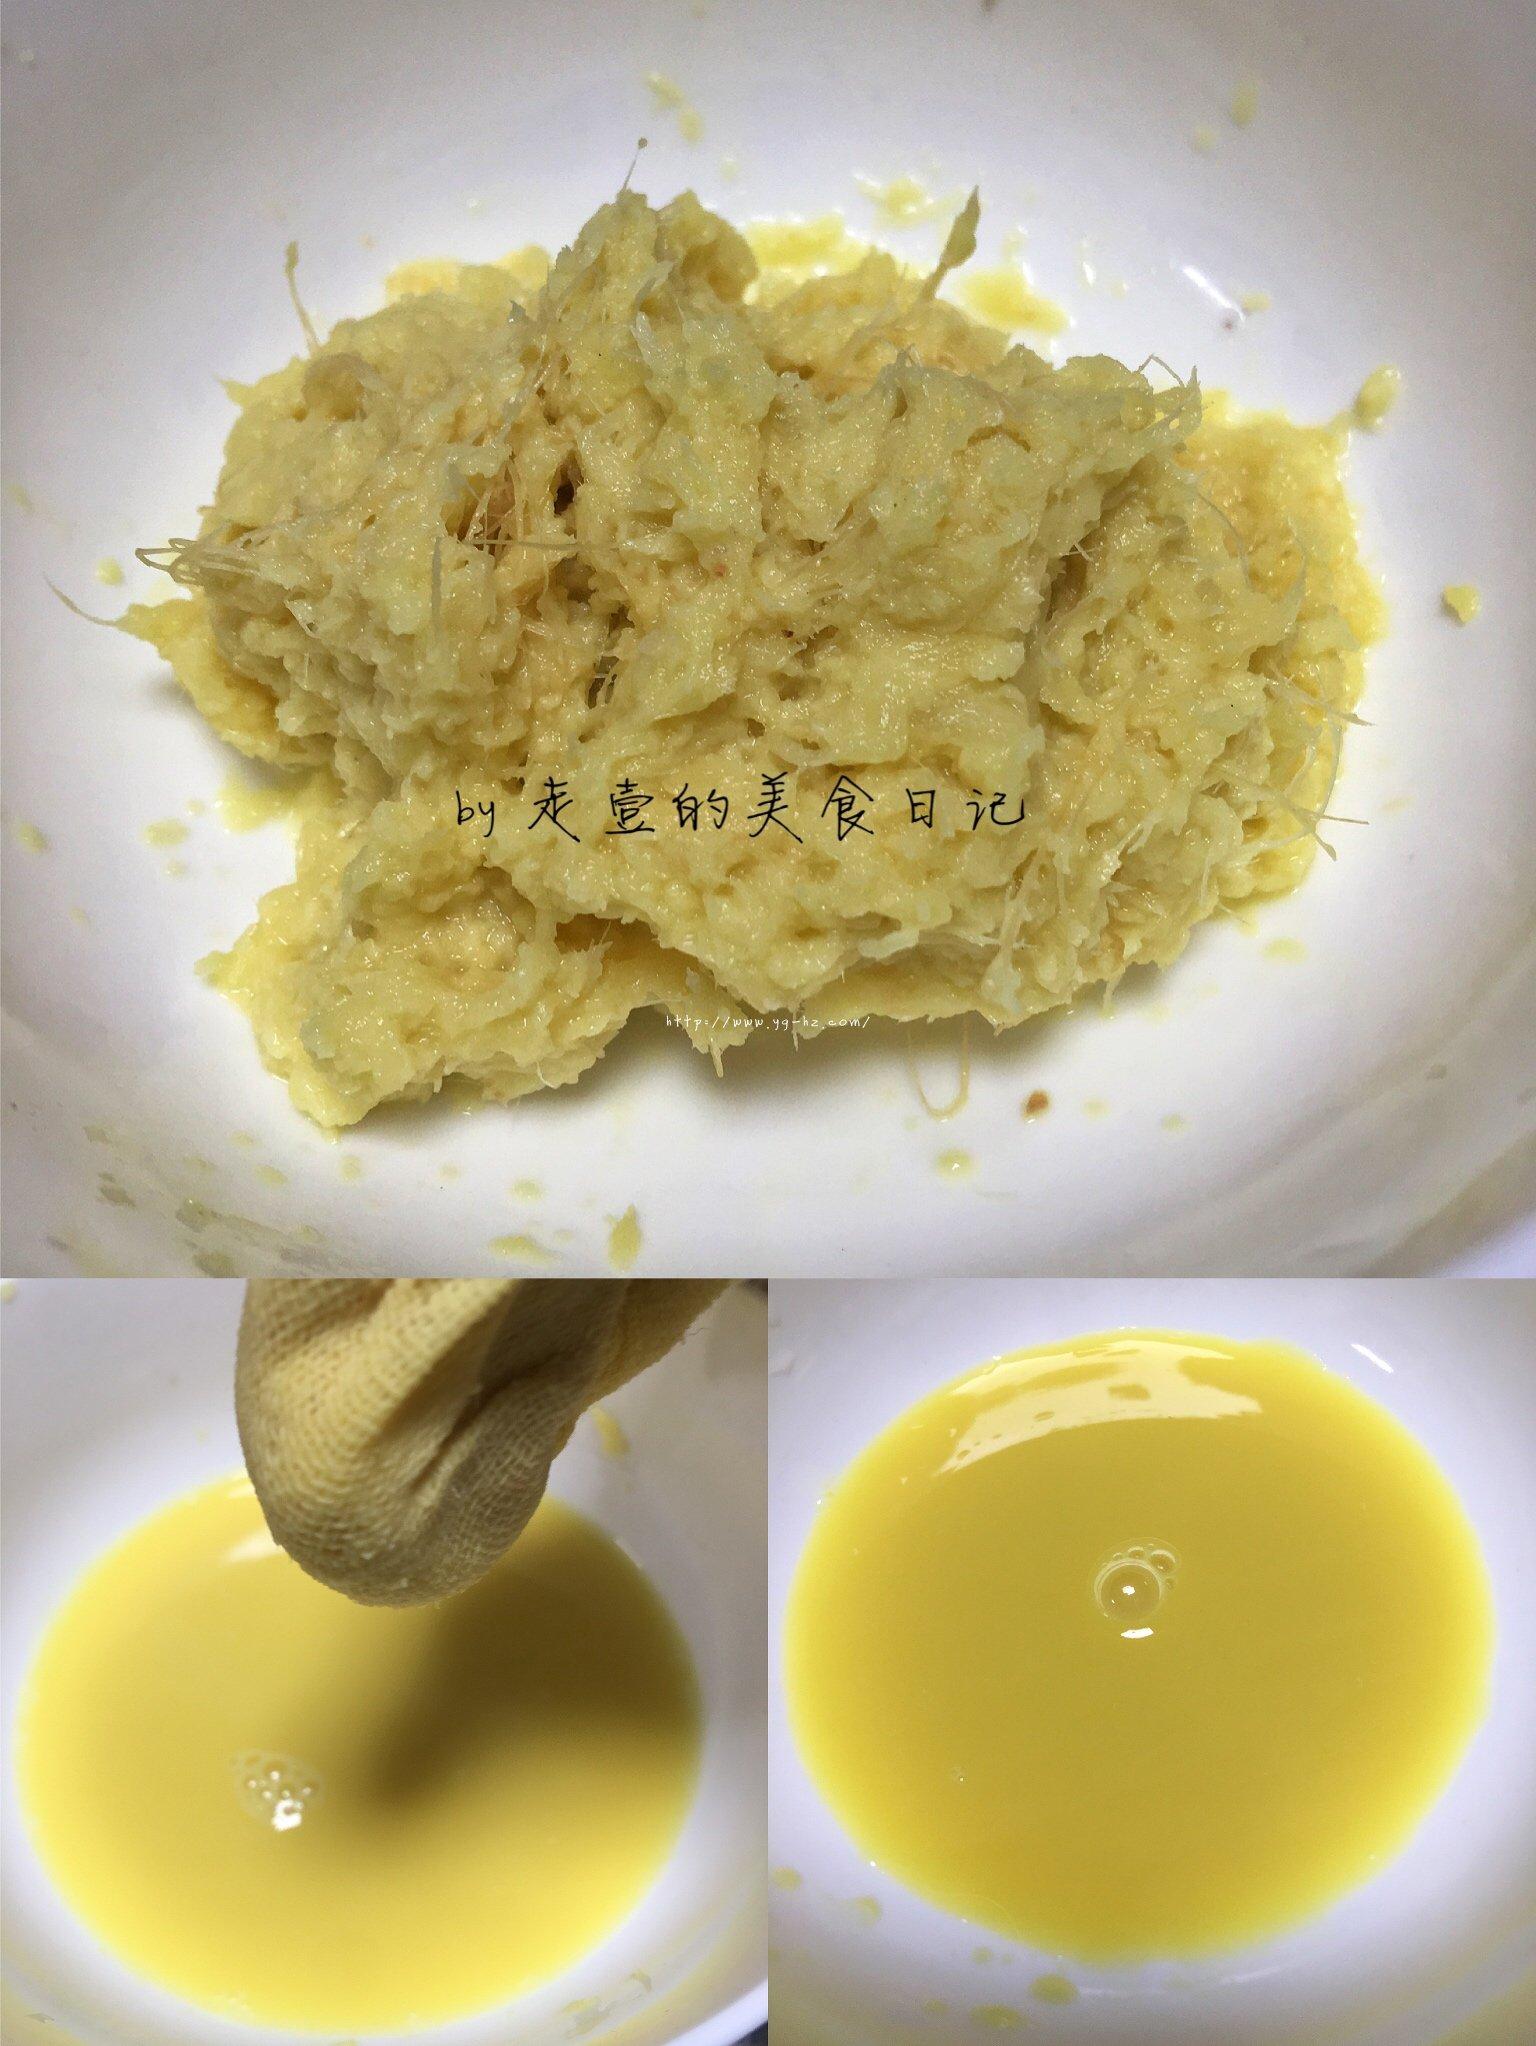 创新法做姜撞奶,只需3步,0失败!的做法 步骤1